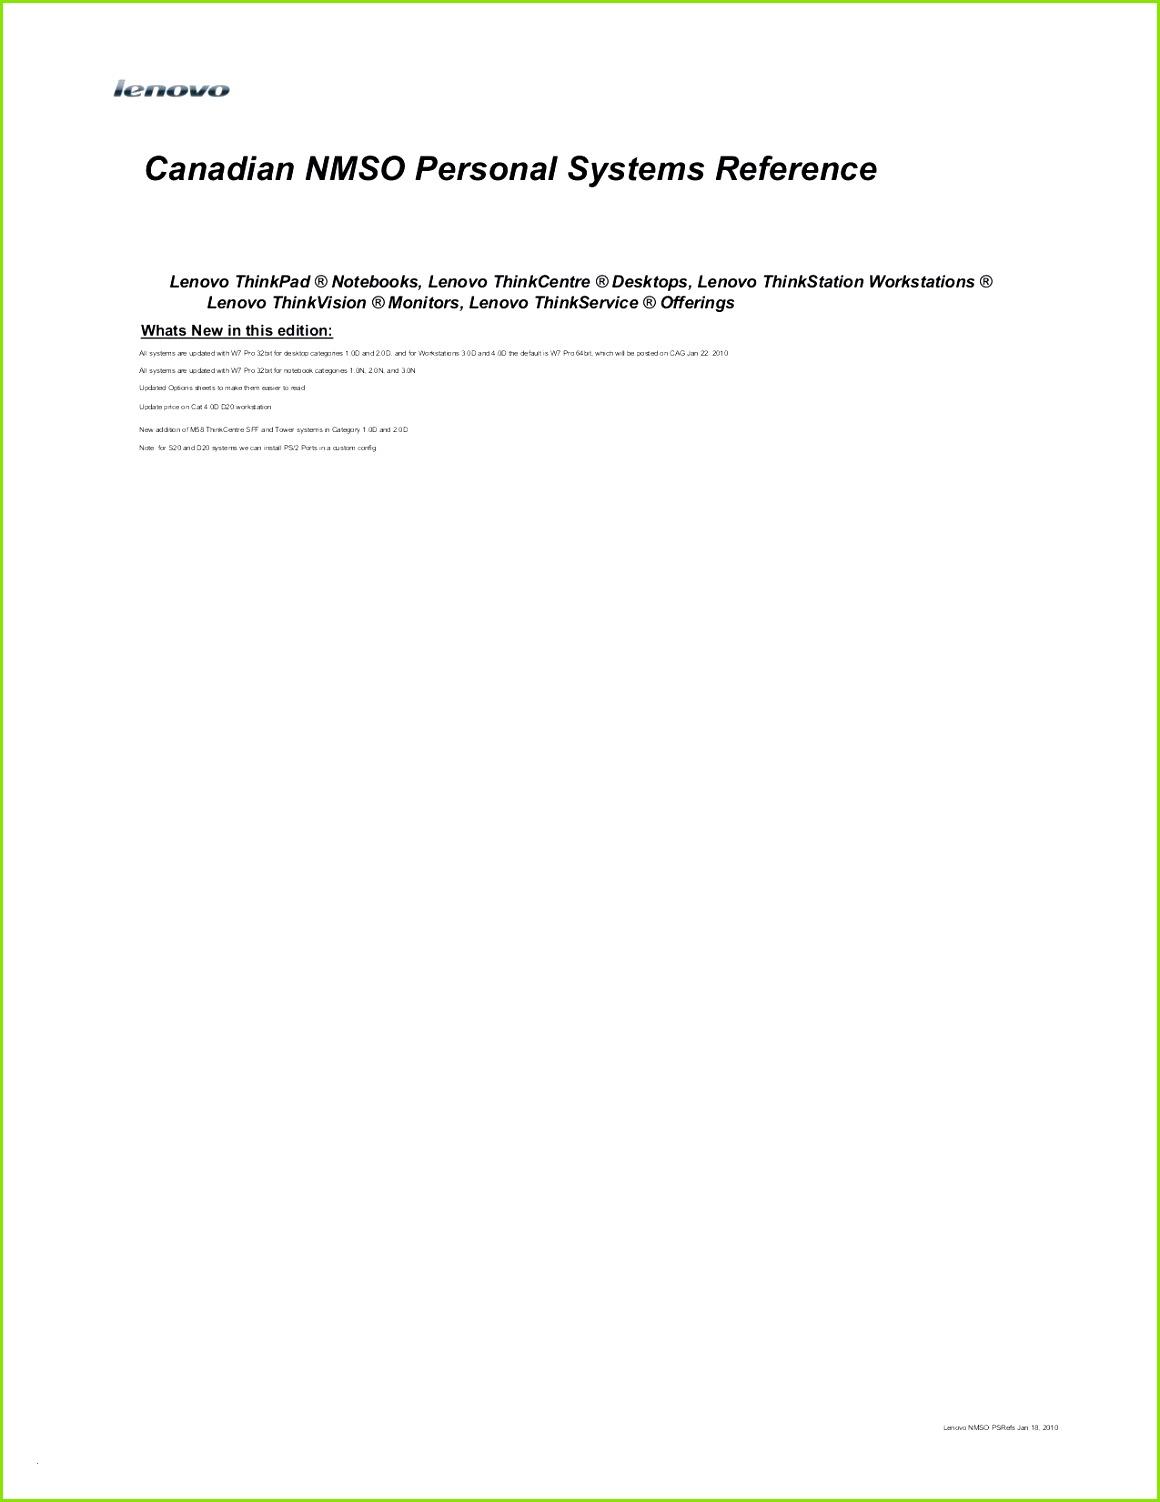 Deckblatt Vorlage Bewerbung Elegant Lebenslauf Auf Englisch Muster Neu Auslandsaufenthalt Lebenslauf Beispiele